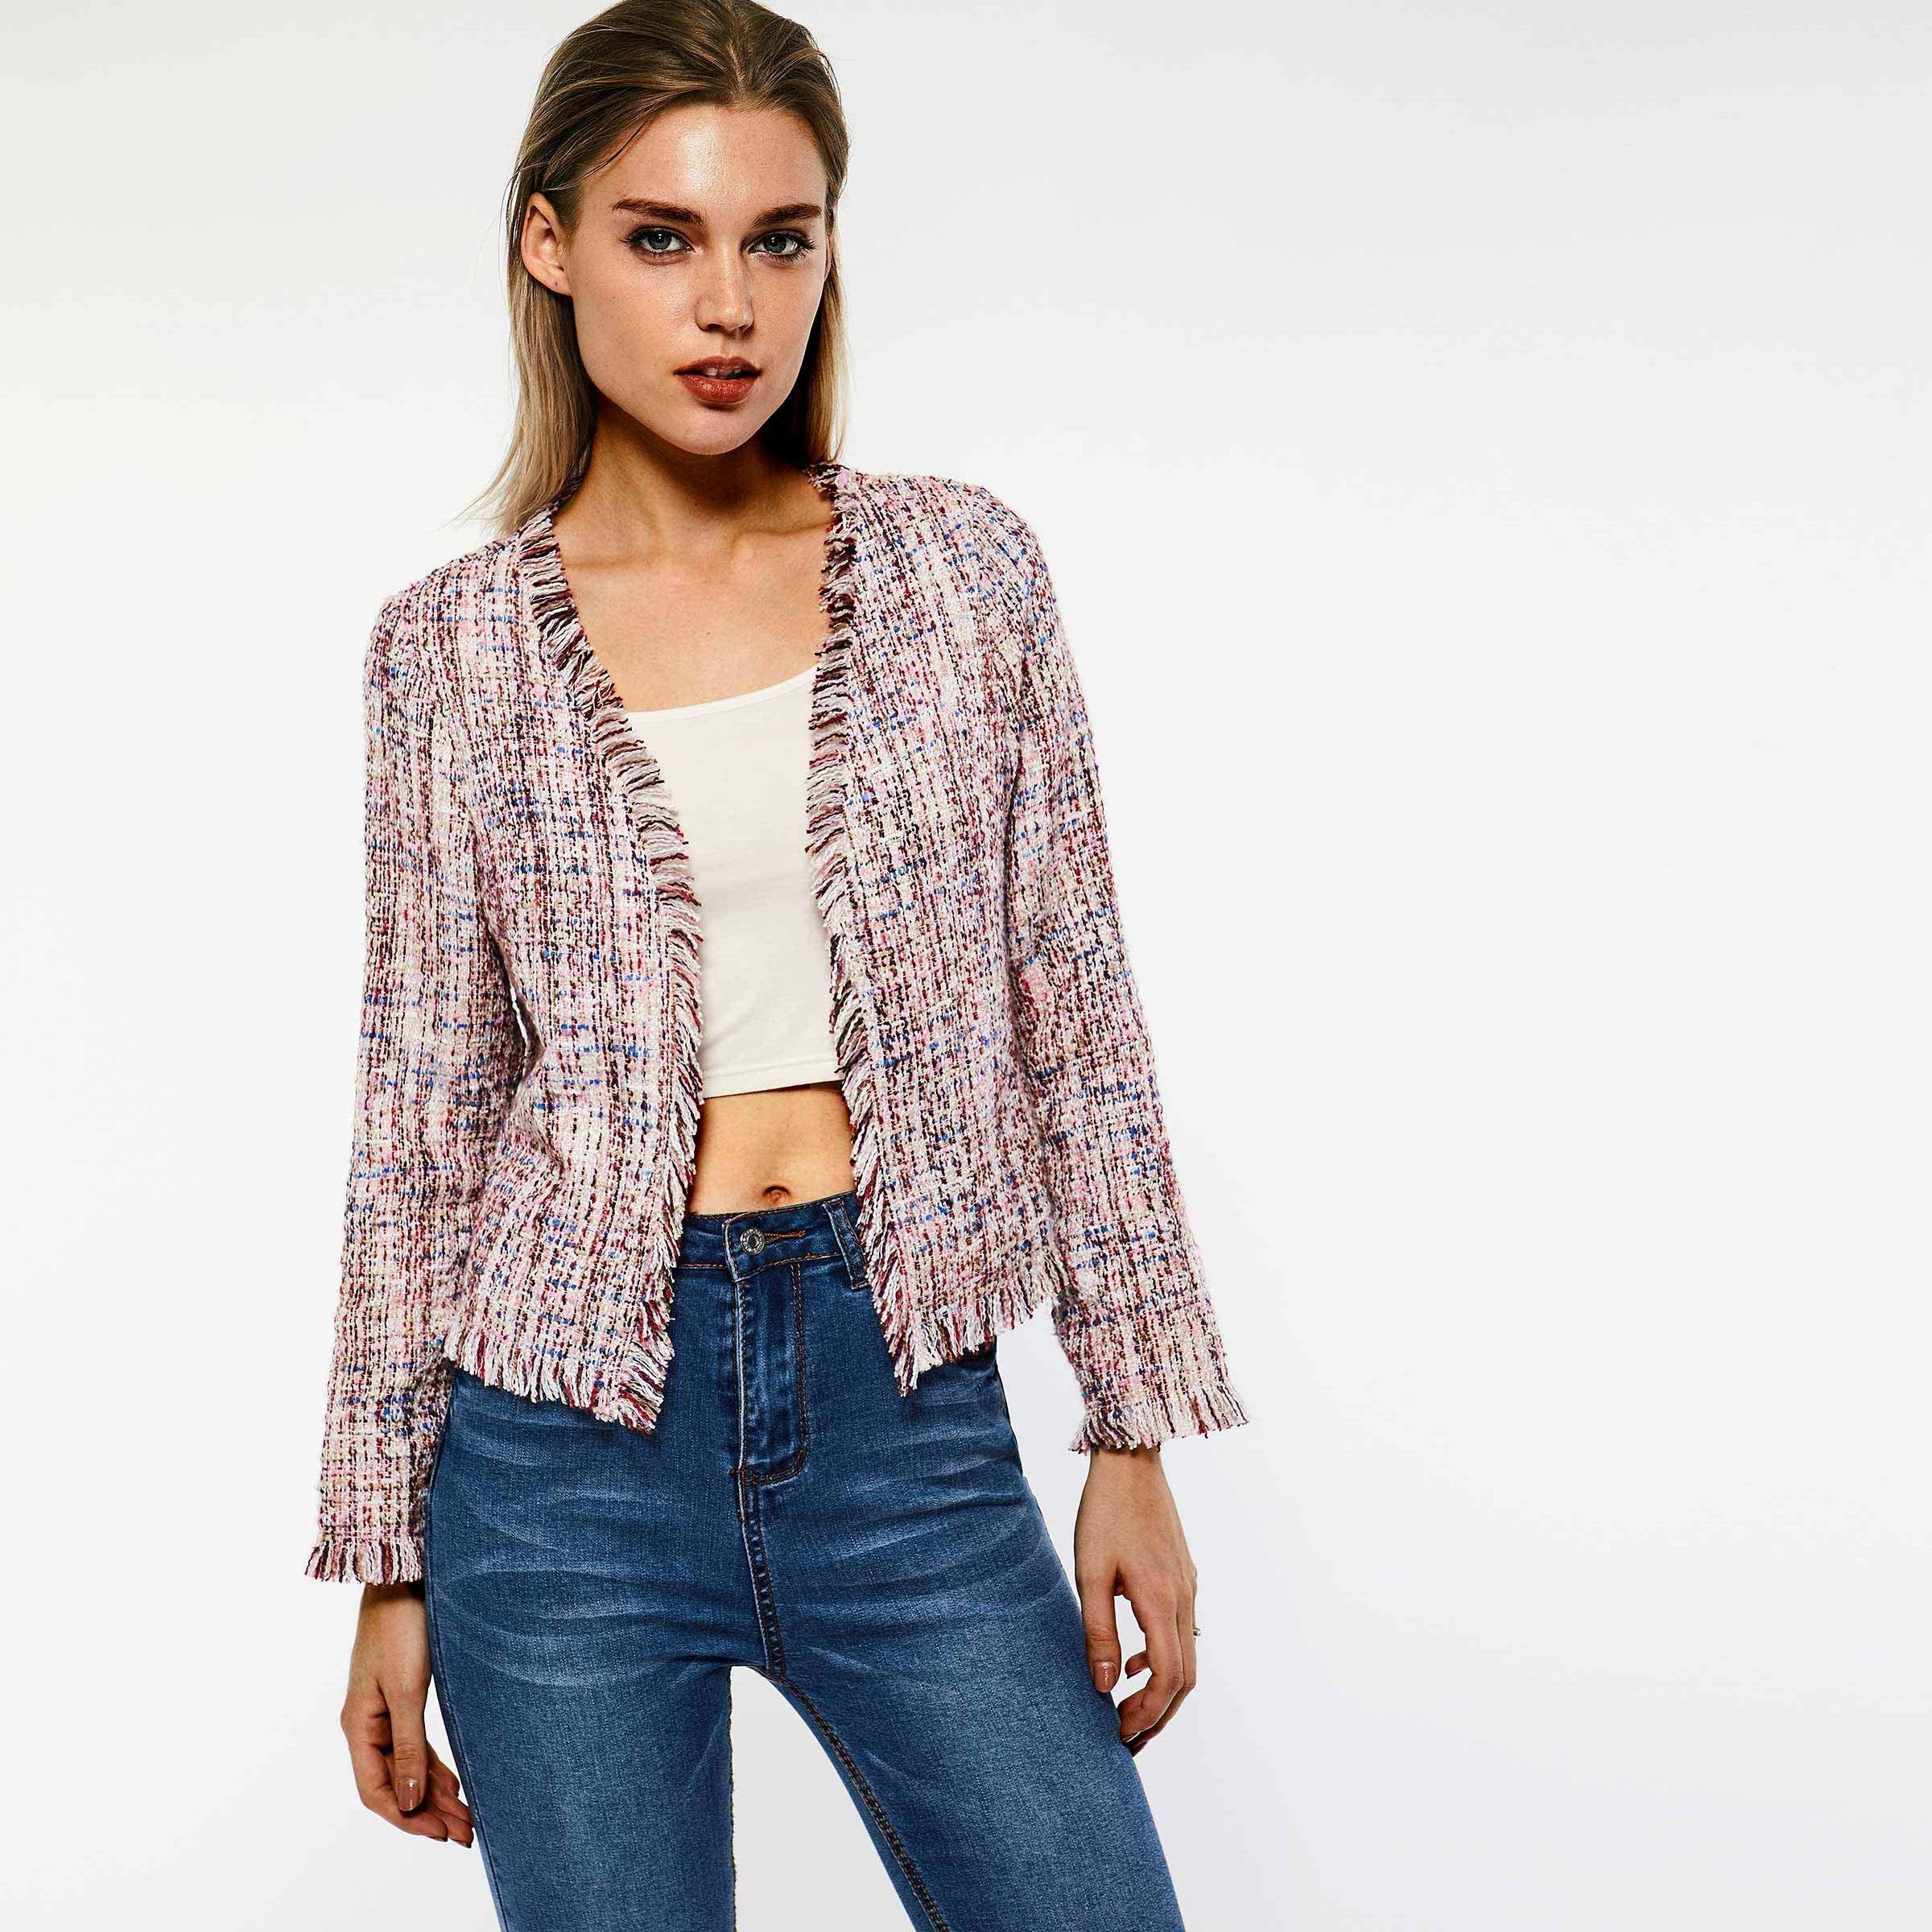 Sisjuly Tweed Jacket Coat Tassel Boho Pink Slim Vintage Women Work Sweet Spring Retro